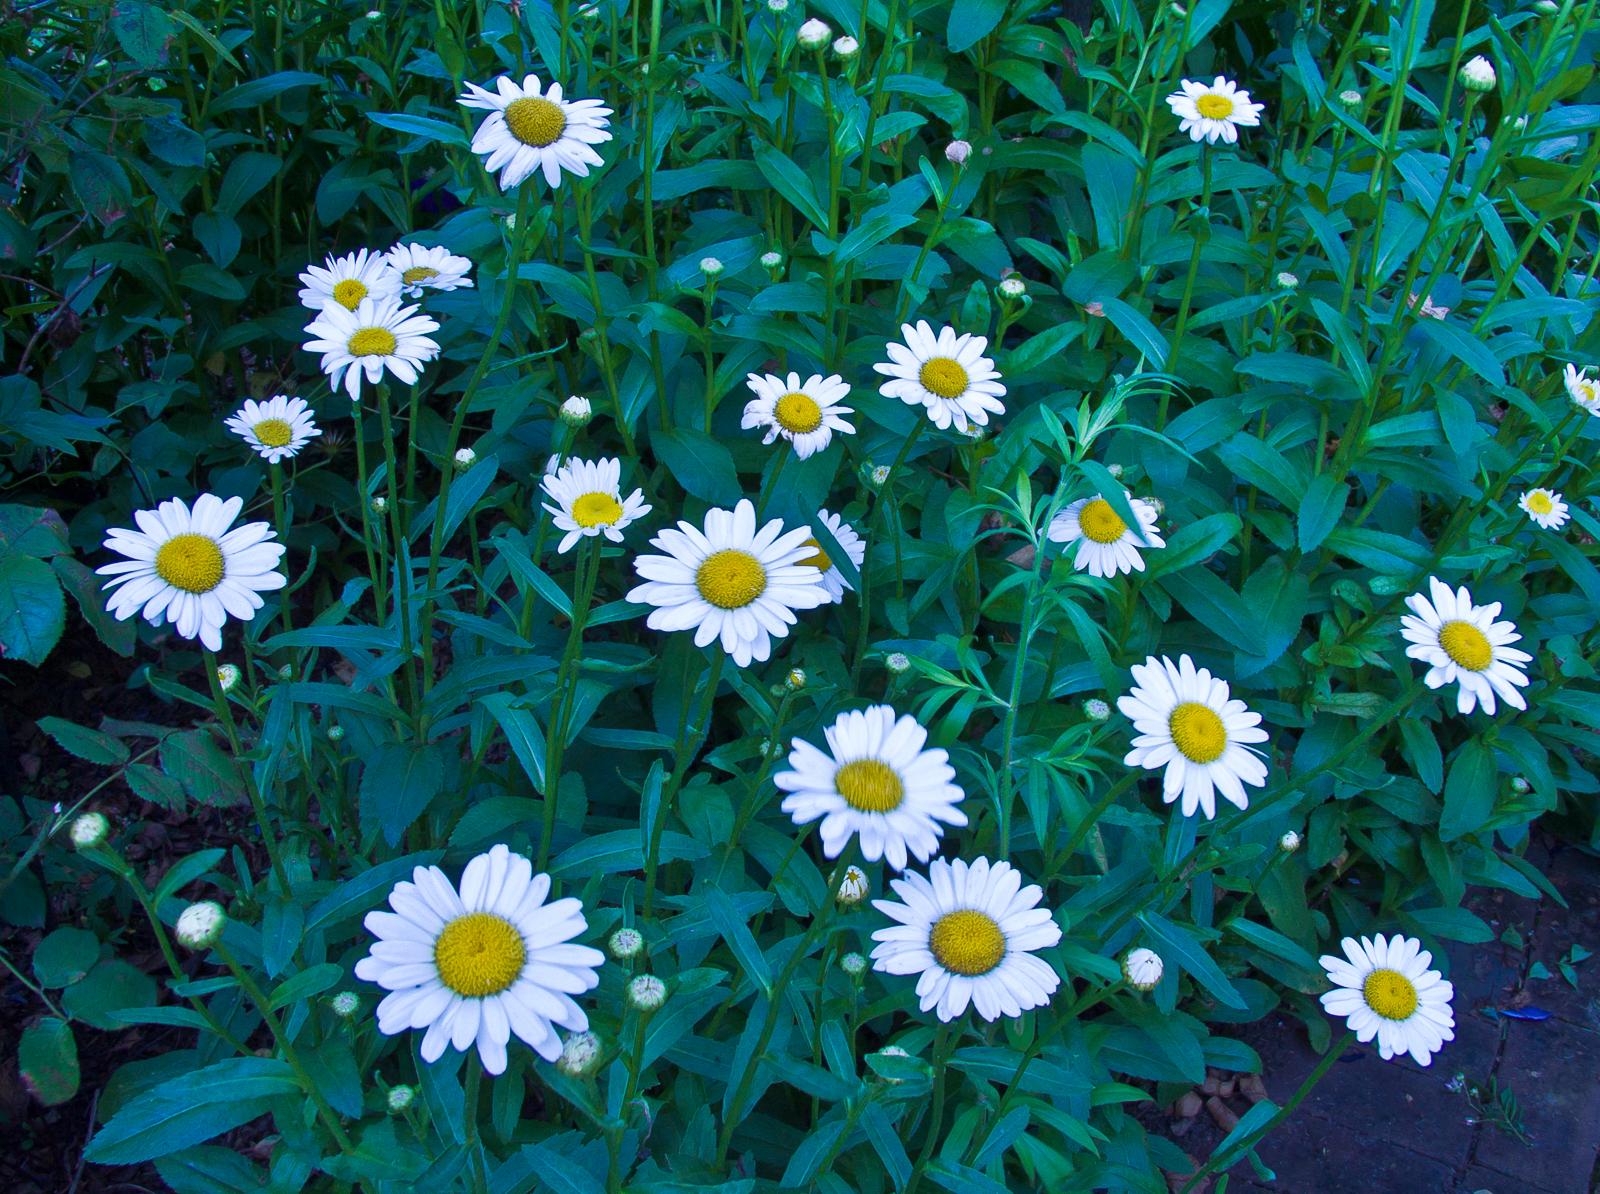 white-daisy-7122558